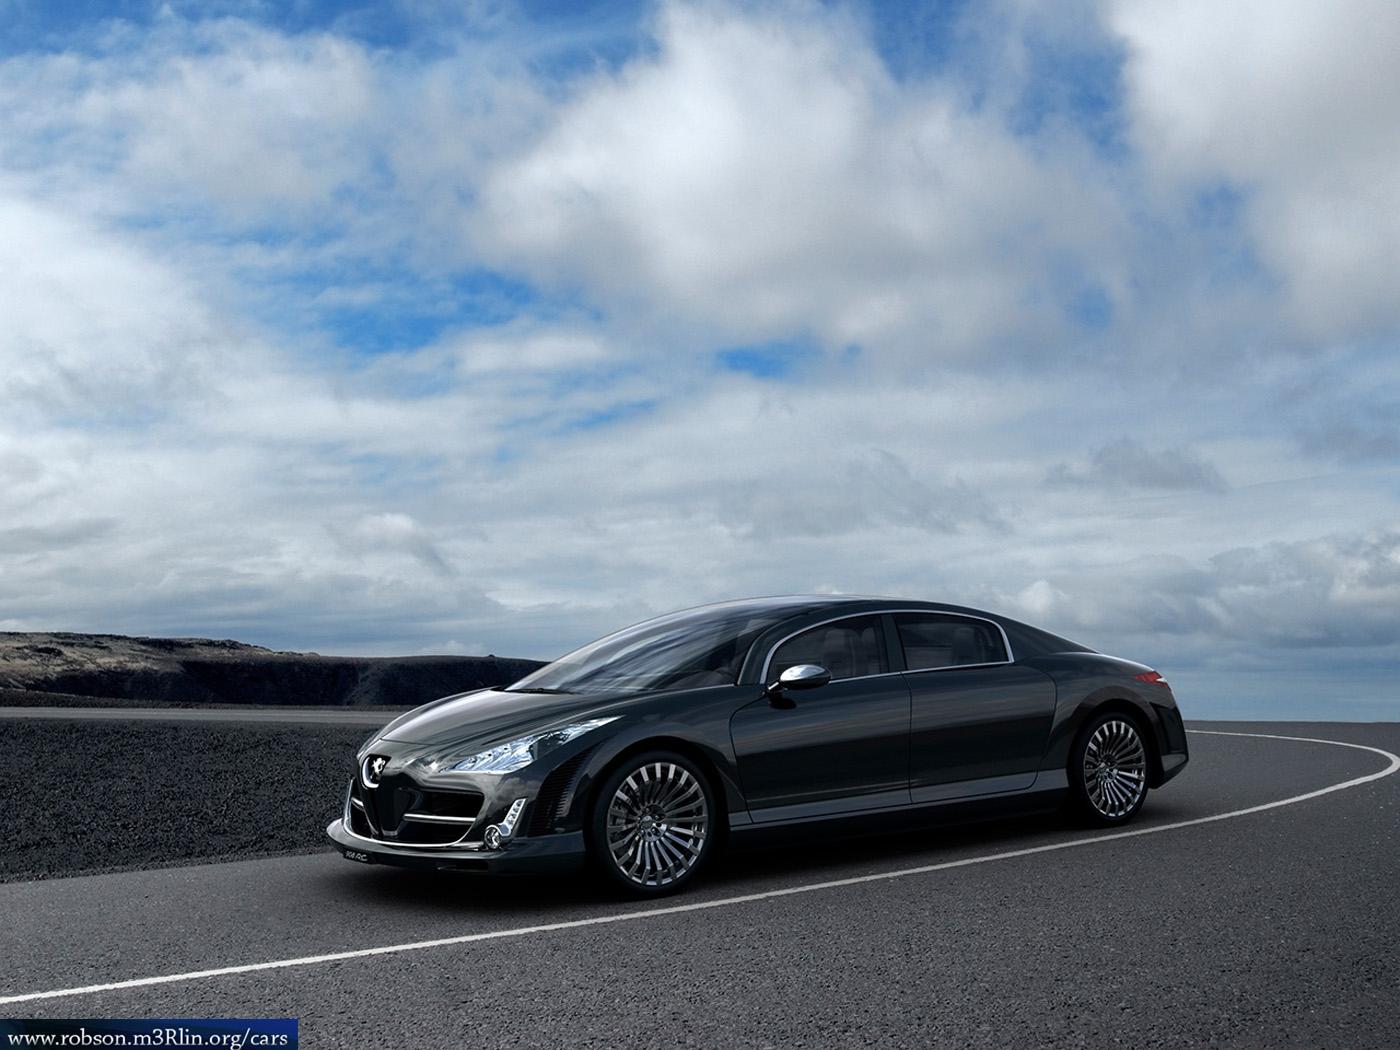 Architecture Project Peugeot Rc Concept Cars Pictures Automotive 335335 Wallpaper Wallpaper